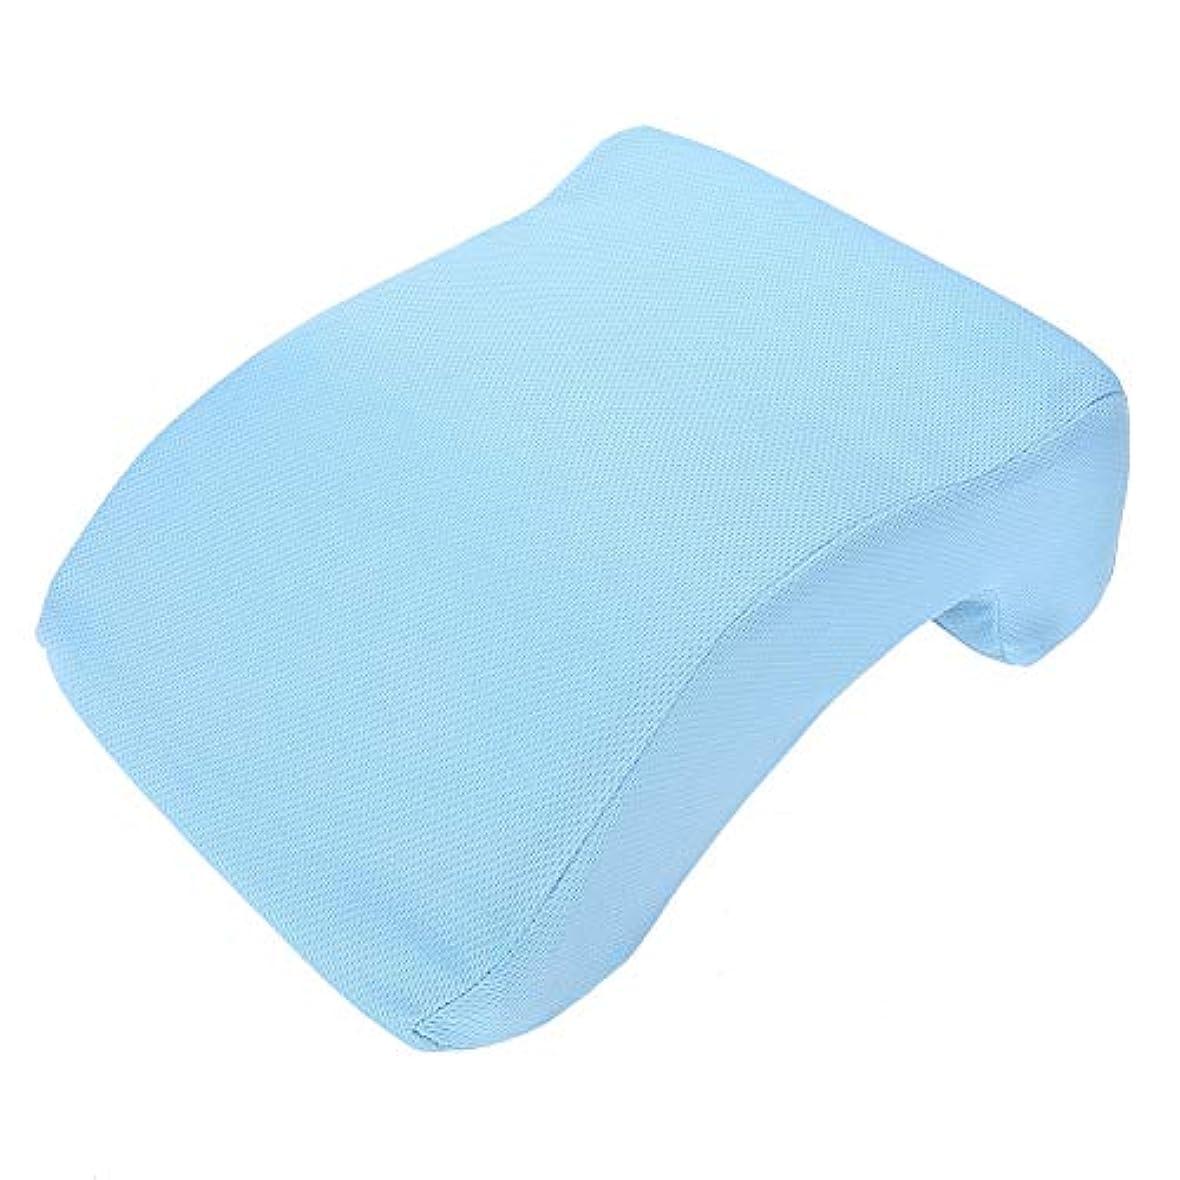 中断自治的アンティーク低反発まくら ピロー マッサージ枕 首?頭?肩をやさしく支える 安眠枕 快眠グッズ 柔らかい 洗えるやすい